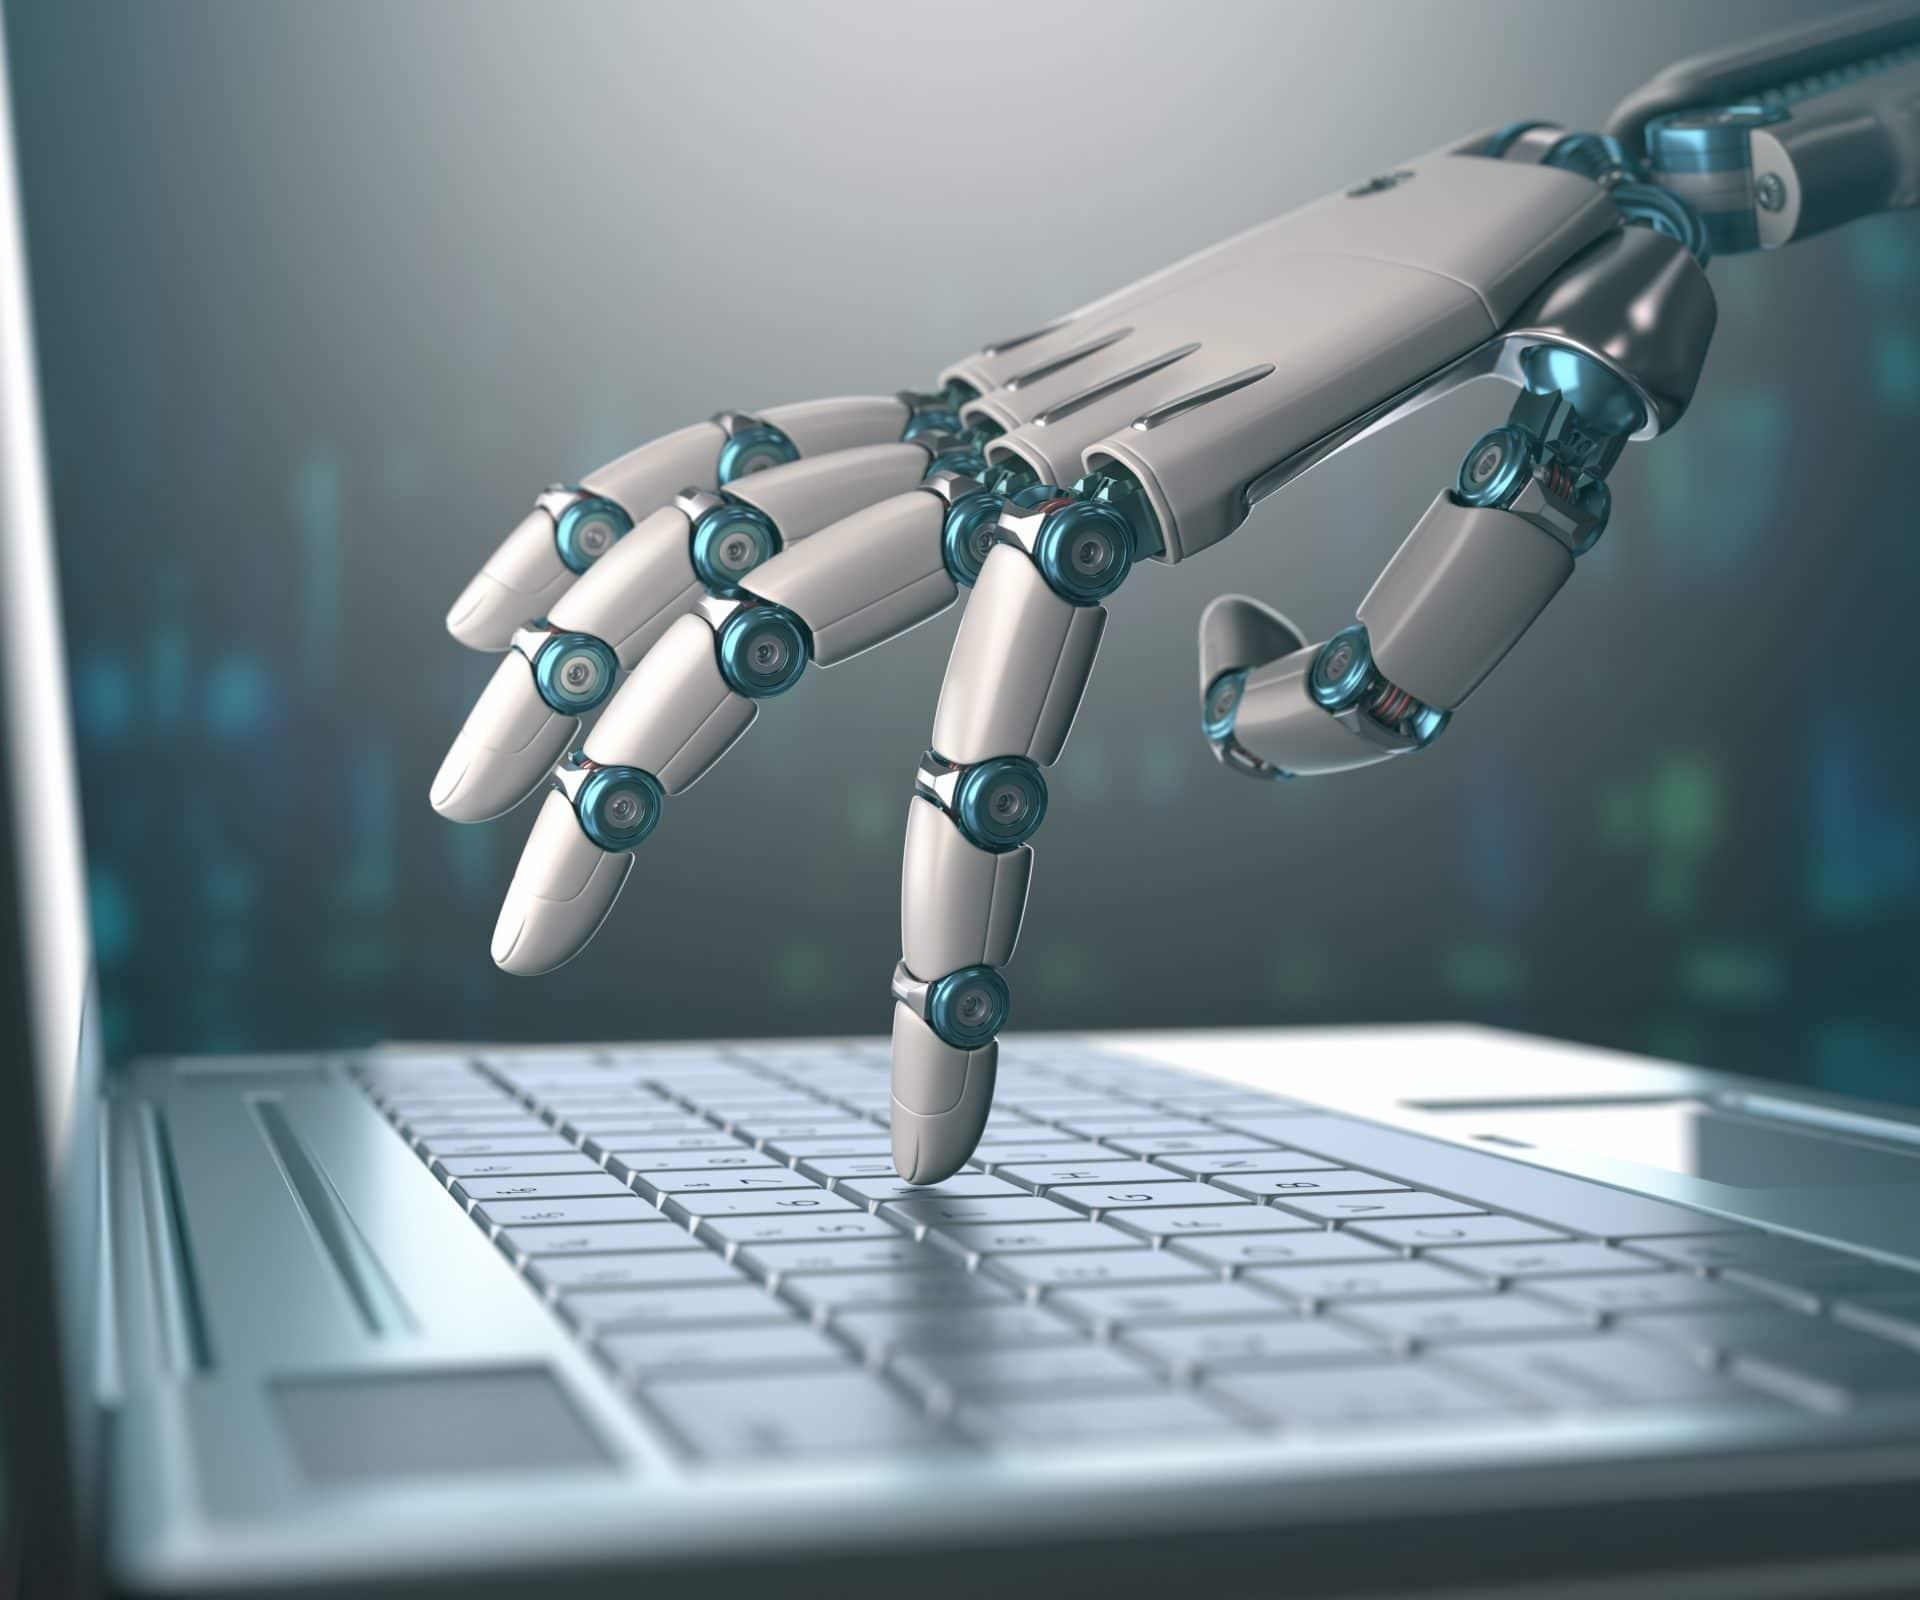 Chatbots und Künstliche Intelligenz: Auch in Zukunft wird die Bedeutung immer mehr zunehmen.